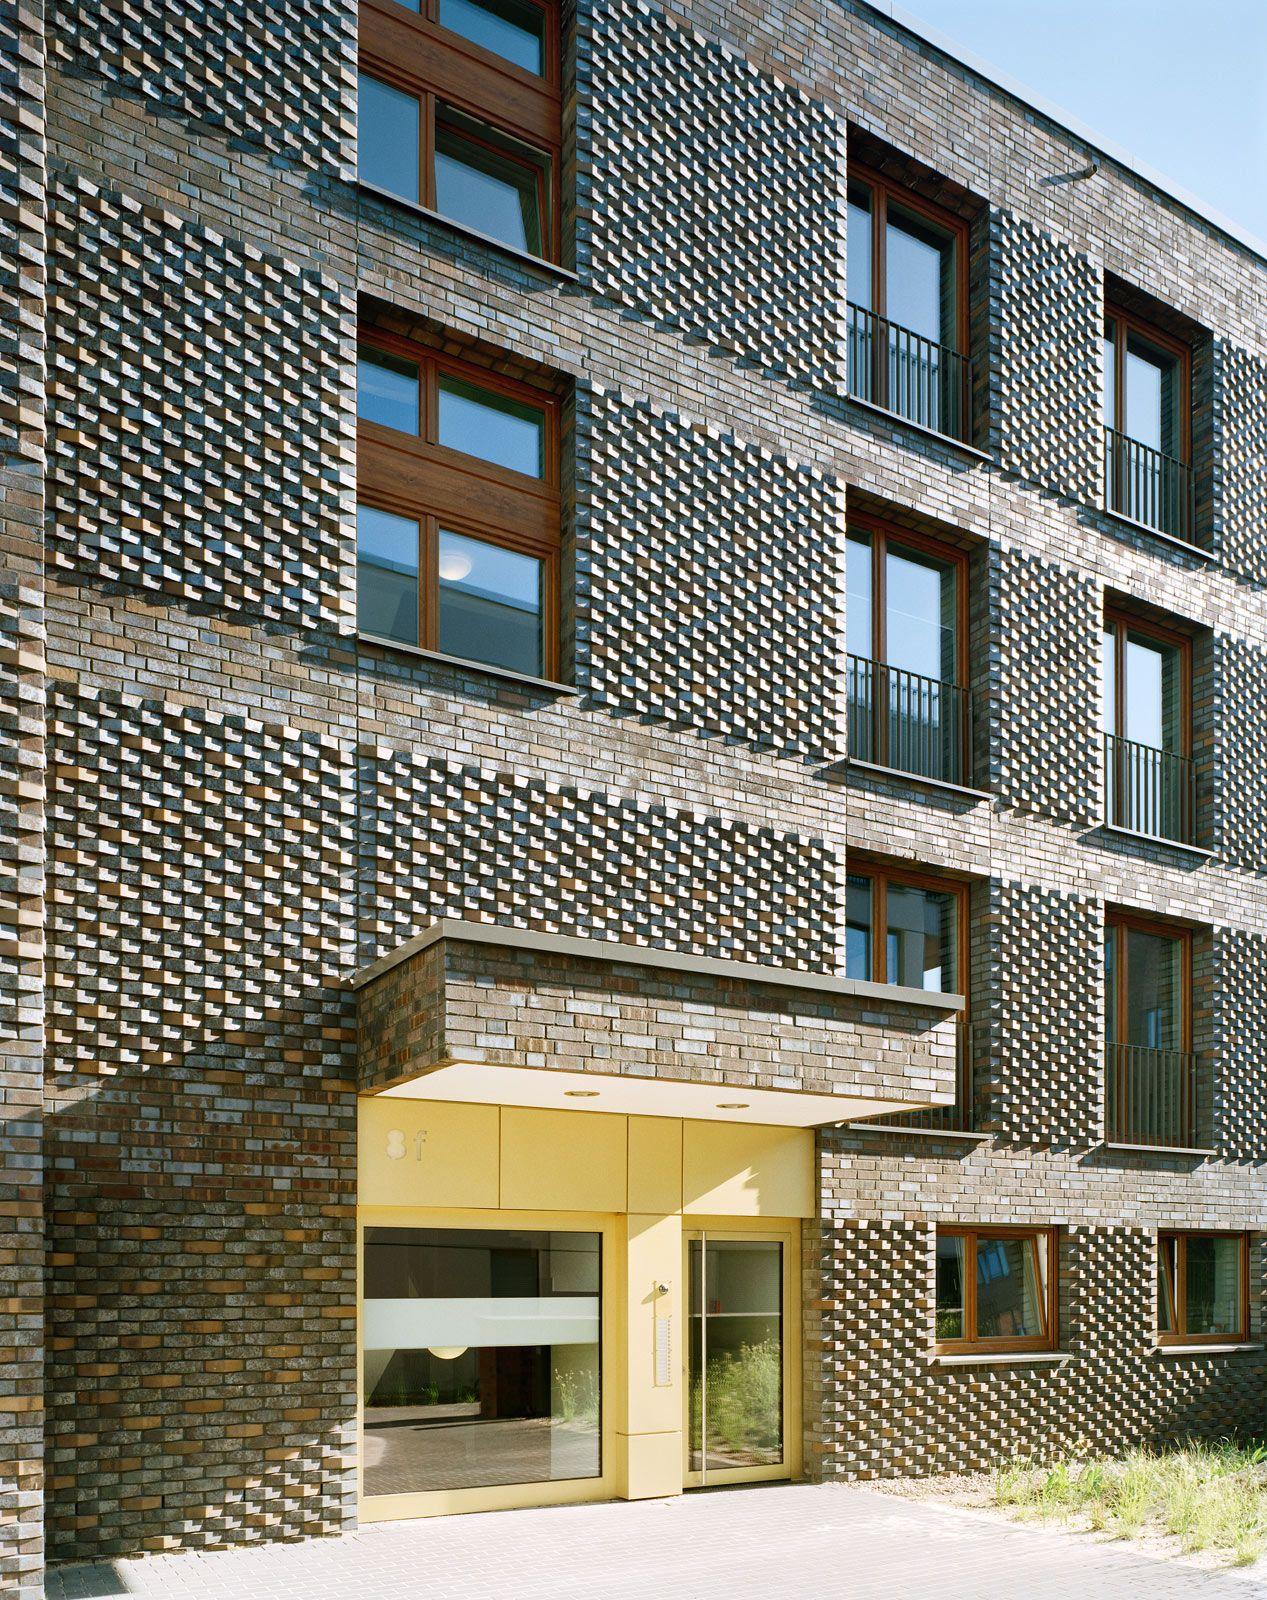 kbnk architekten hamburg architekten facade details pinterest architekt hamburg. Black Bedroom Furniture Sets. Home Design Ideas